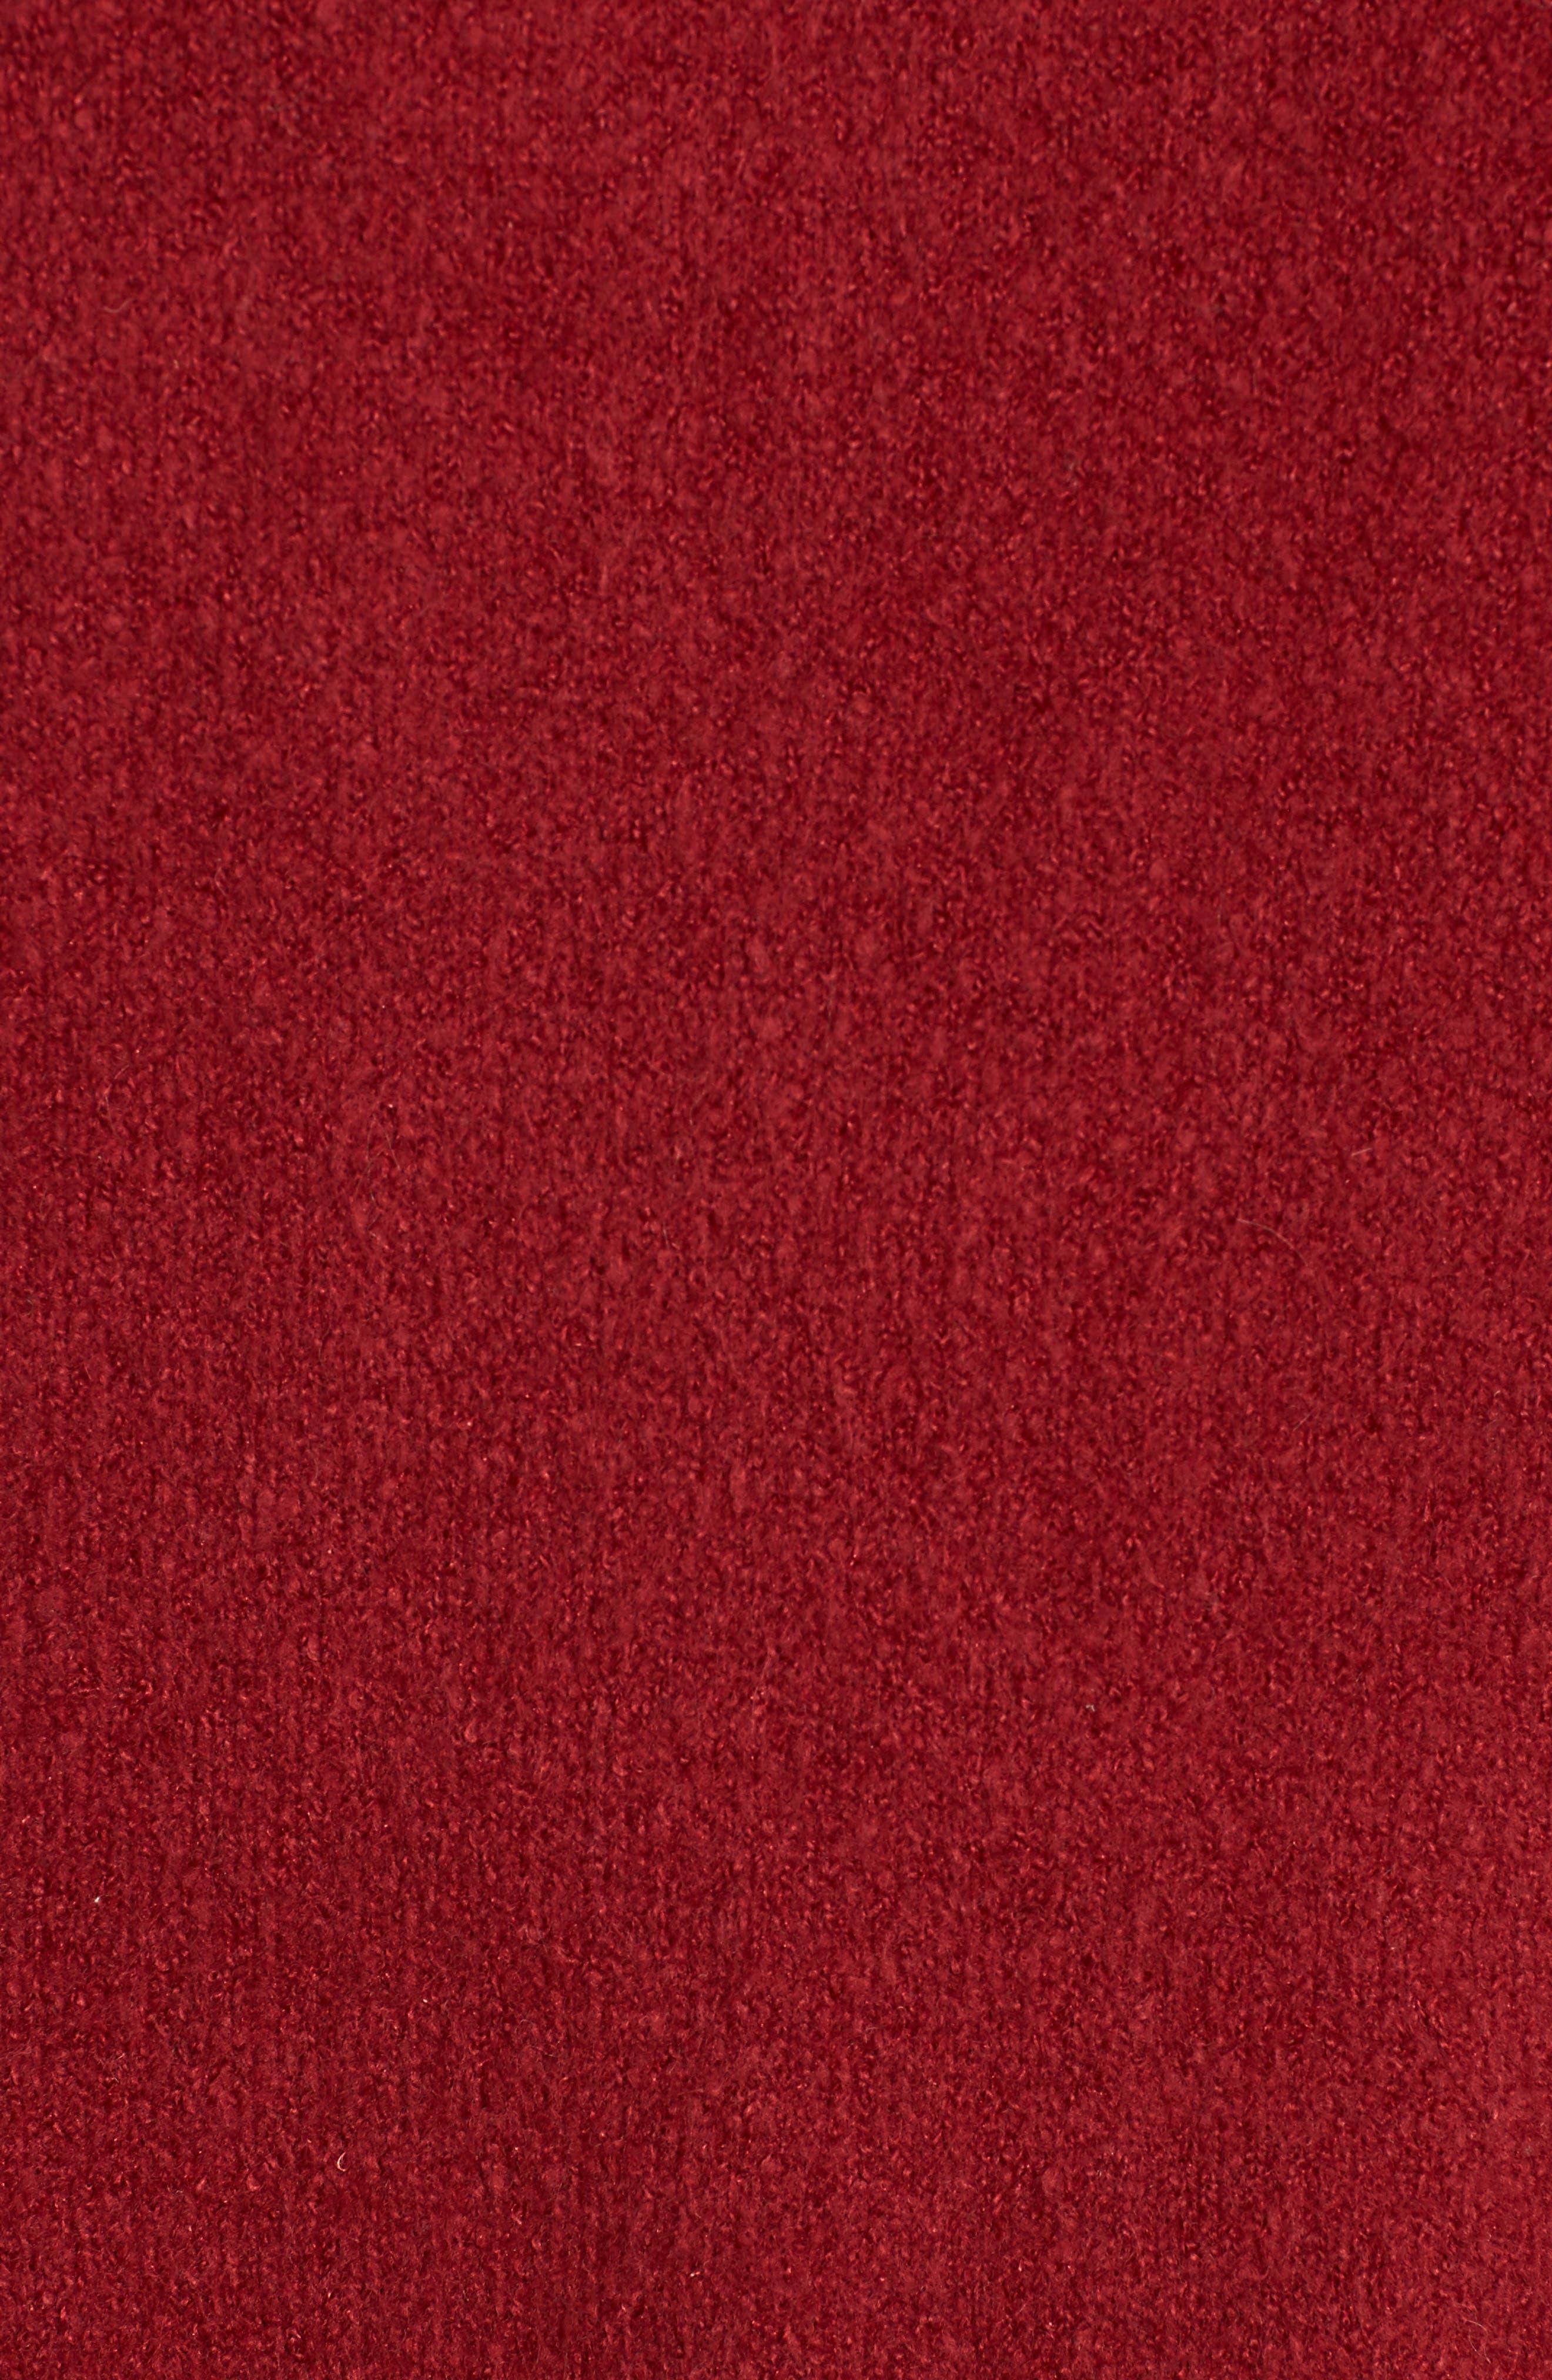 Orla Sweater,                             Alternate thumbnail 5, color,                             DEEP FRAMBOISE